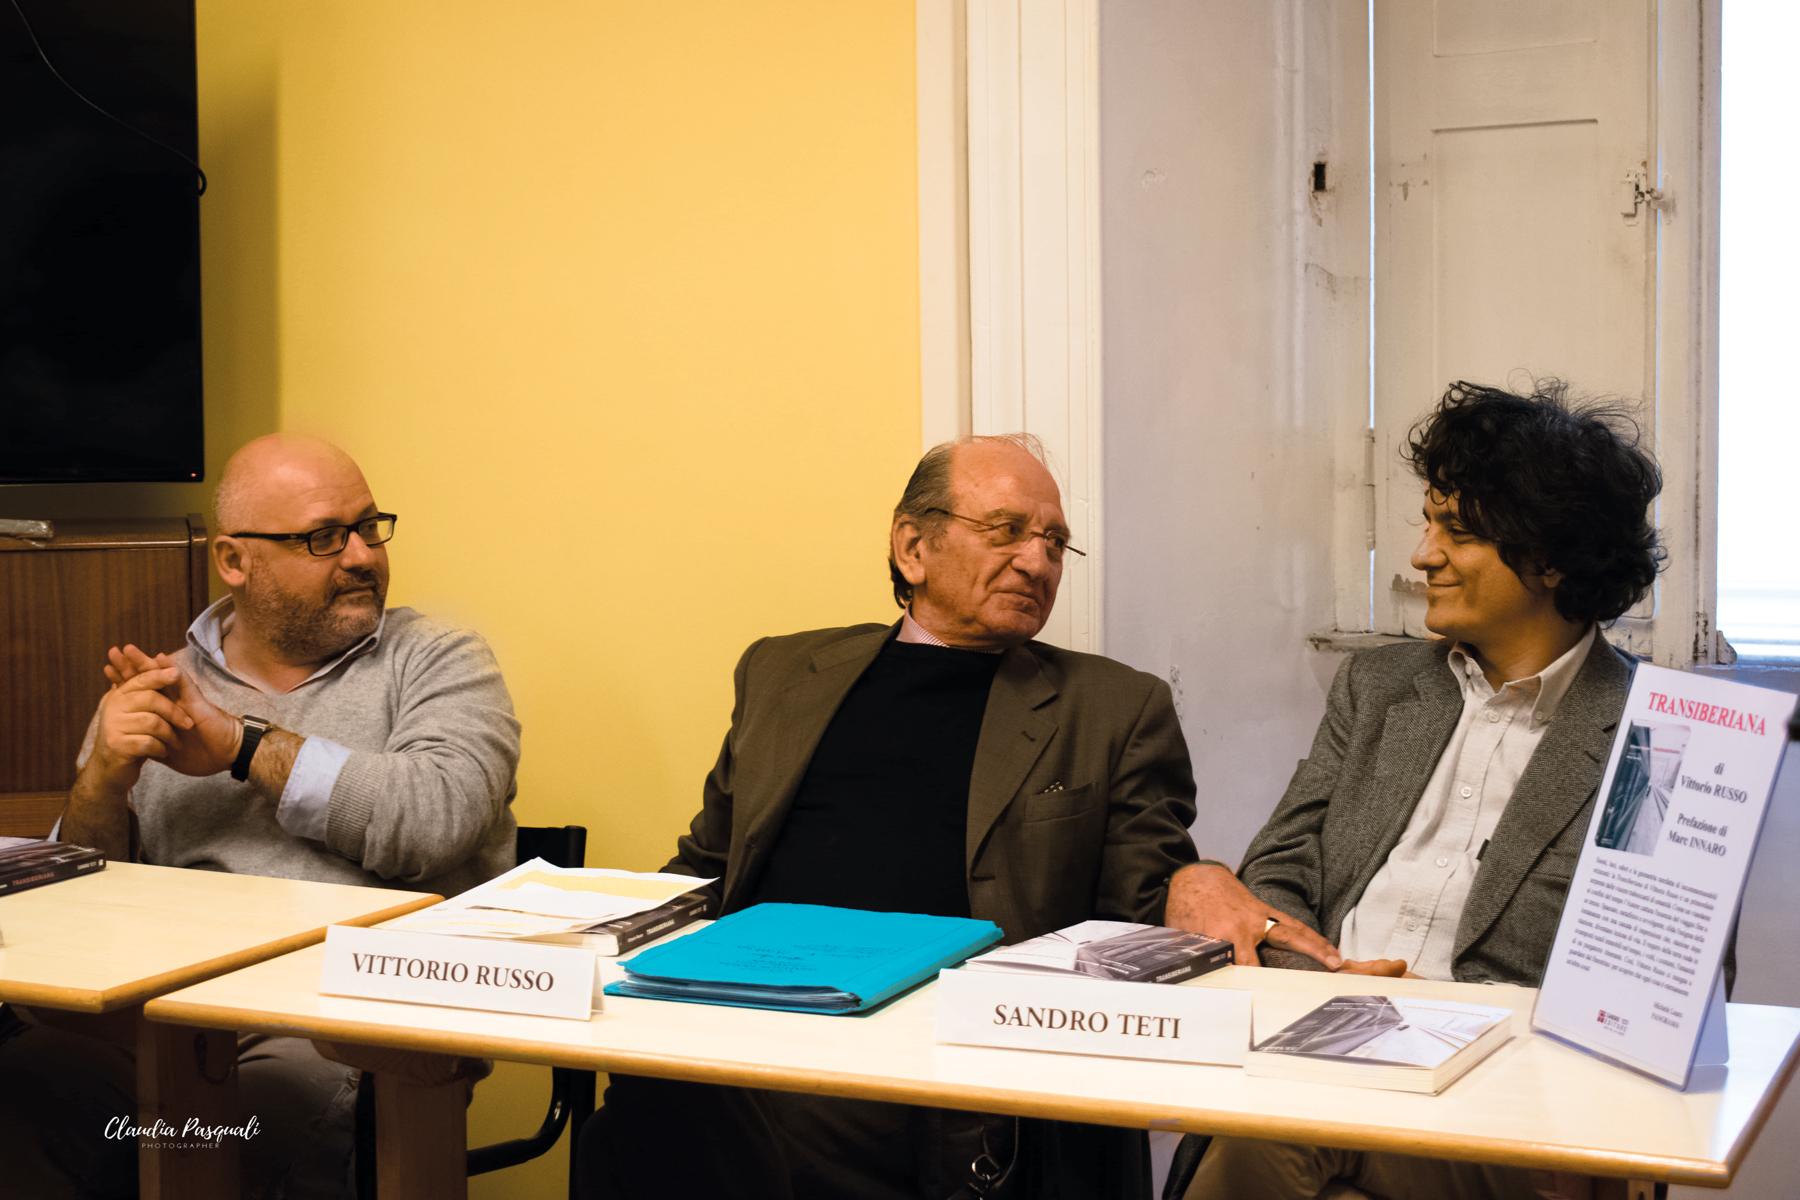 Presentazione del libro Transiberiana di Vittorio Russo. Da sinistra: Leonardo Fredduzzi; Vittorio Russo e l'editore Sandro Teti